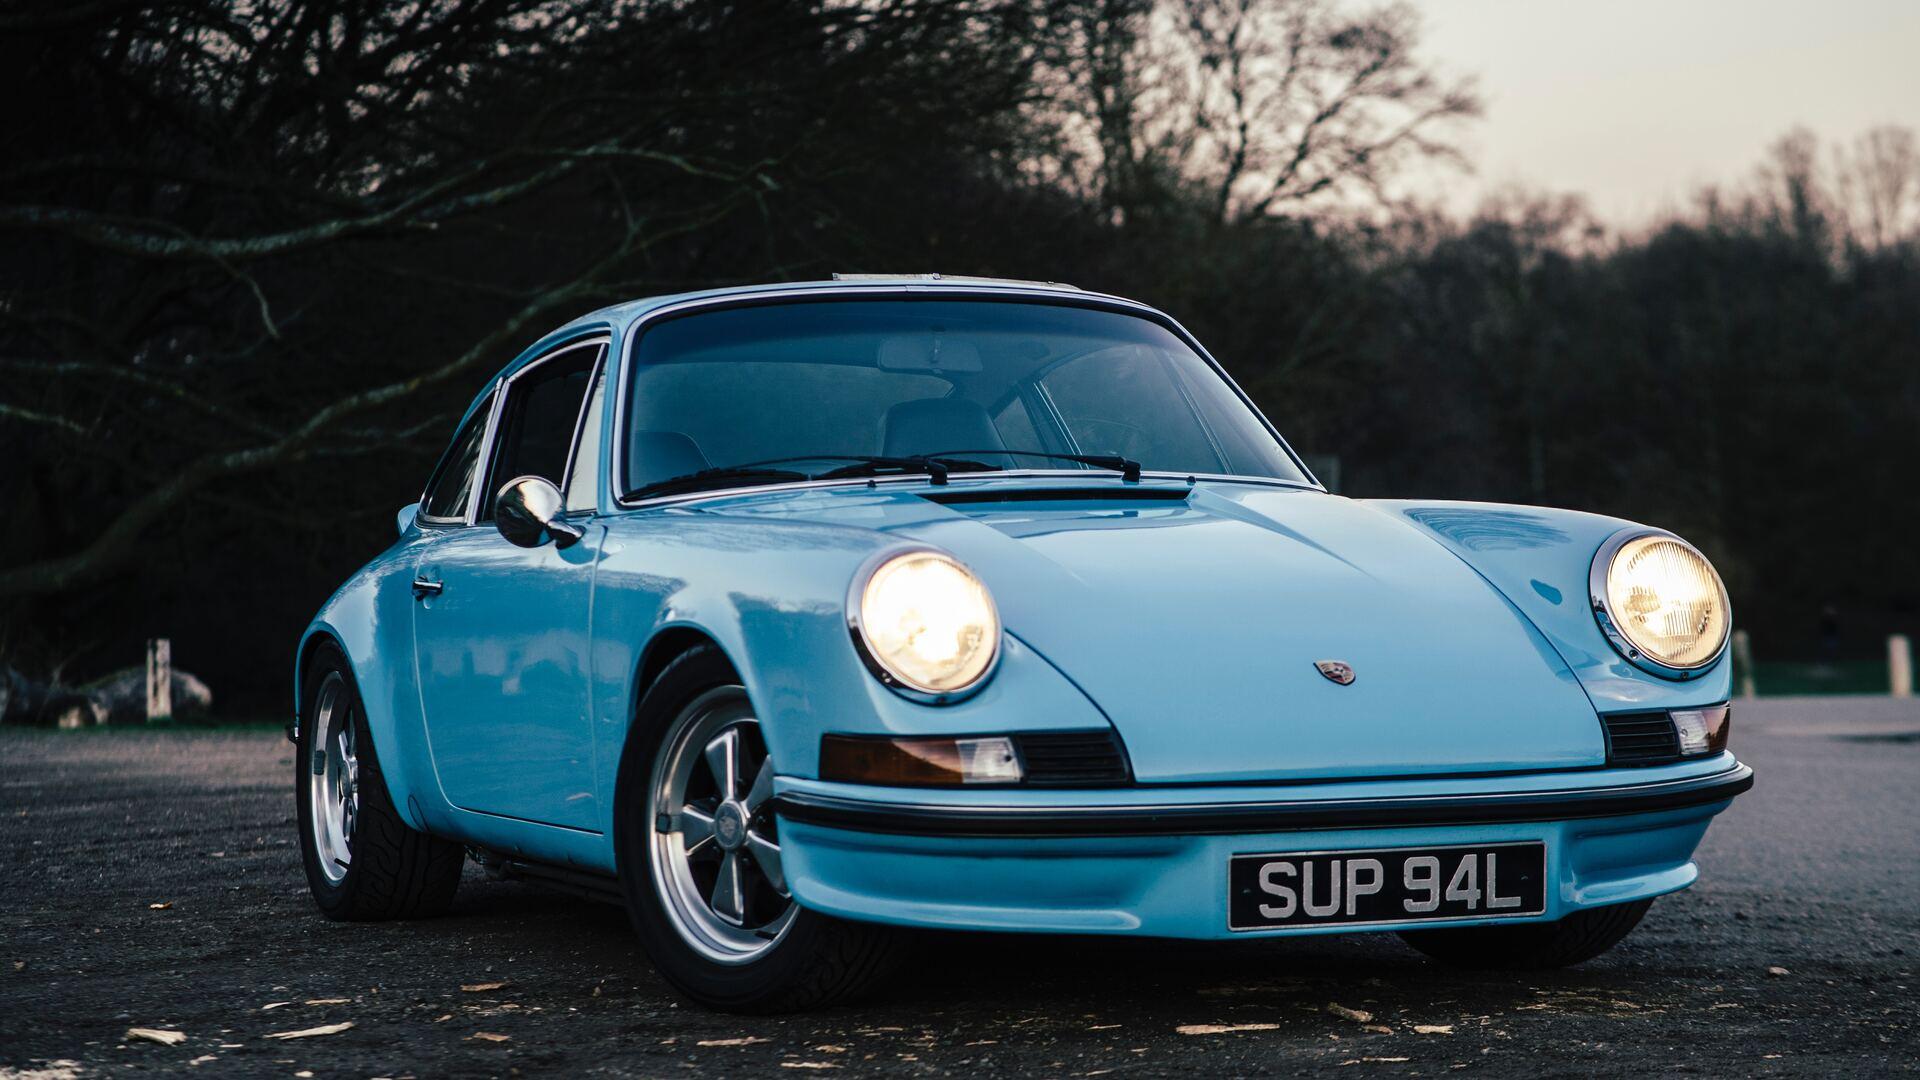 Porsche Vintage Car 5k Su